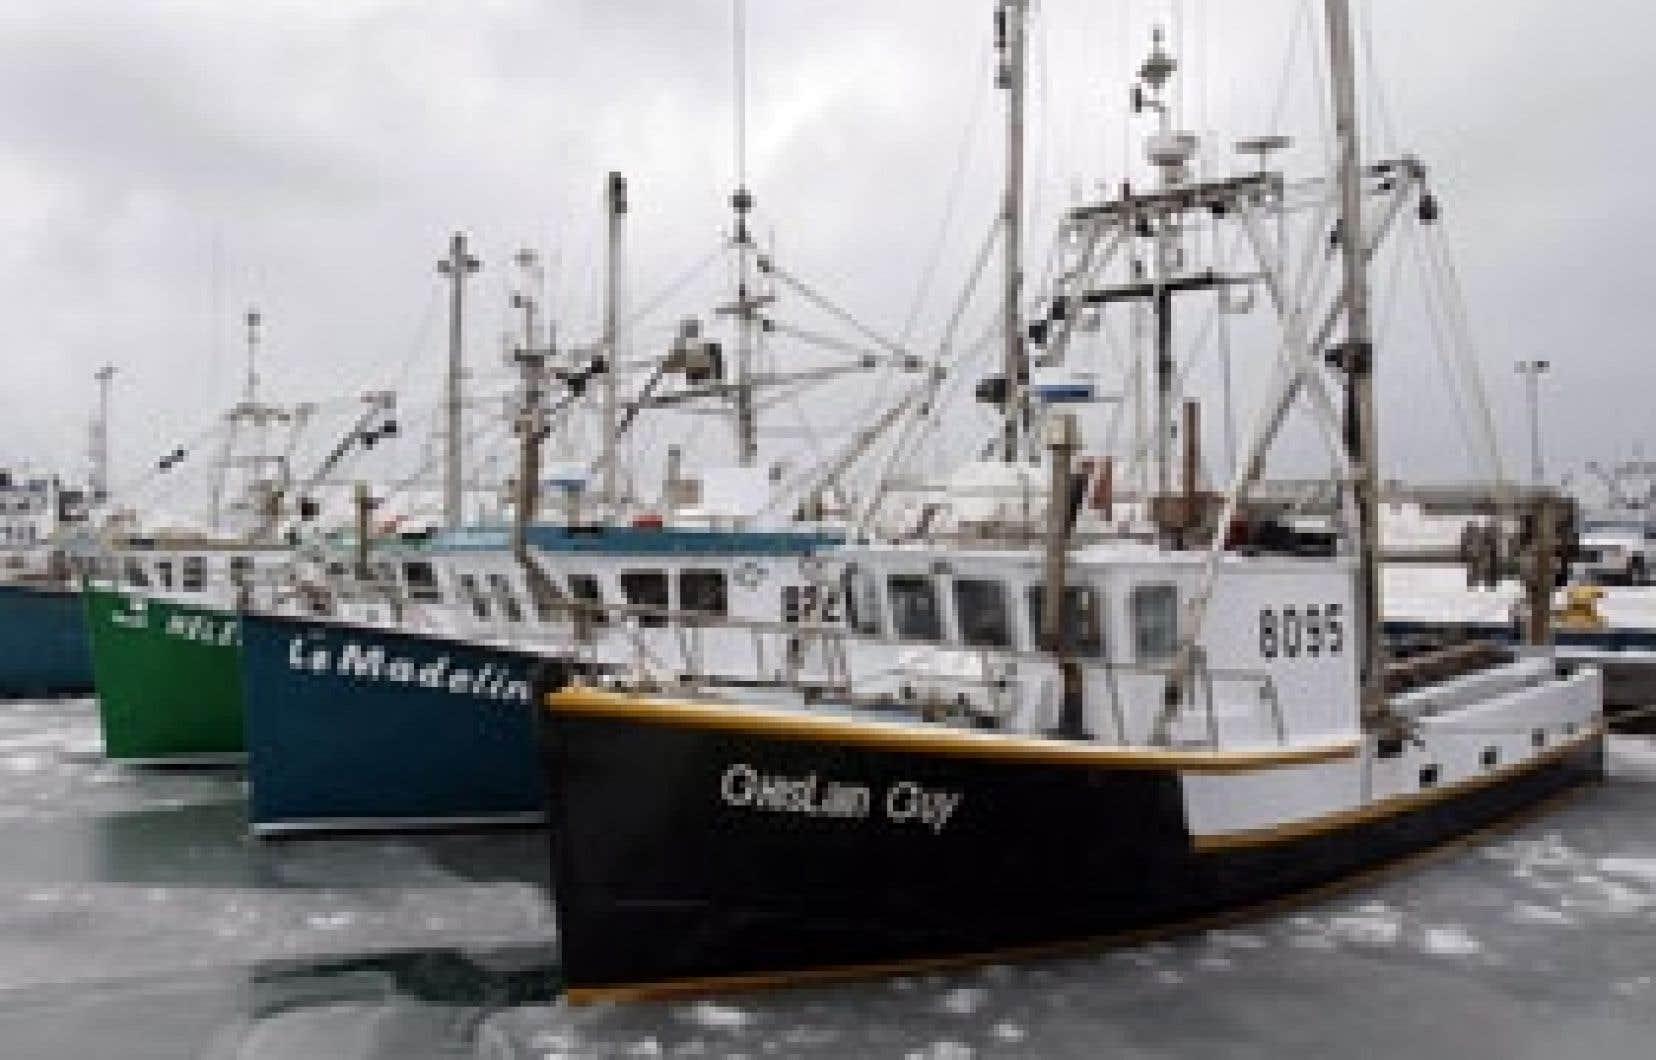 Plusieurs bateaux sont rentrés au port de Cap-aux-Meules. Certains marins étaient visiblement attristés par la mort de leurs camarades, alors que d'autres étaient furieux.